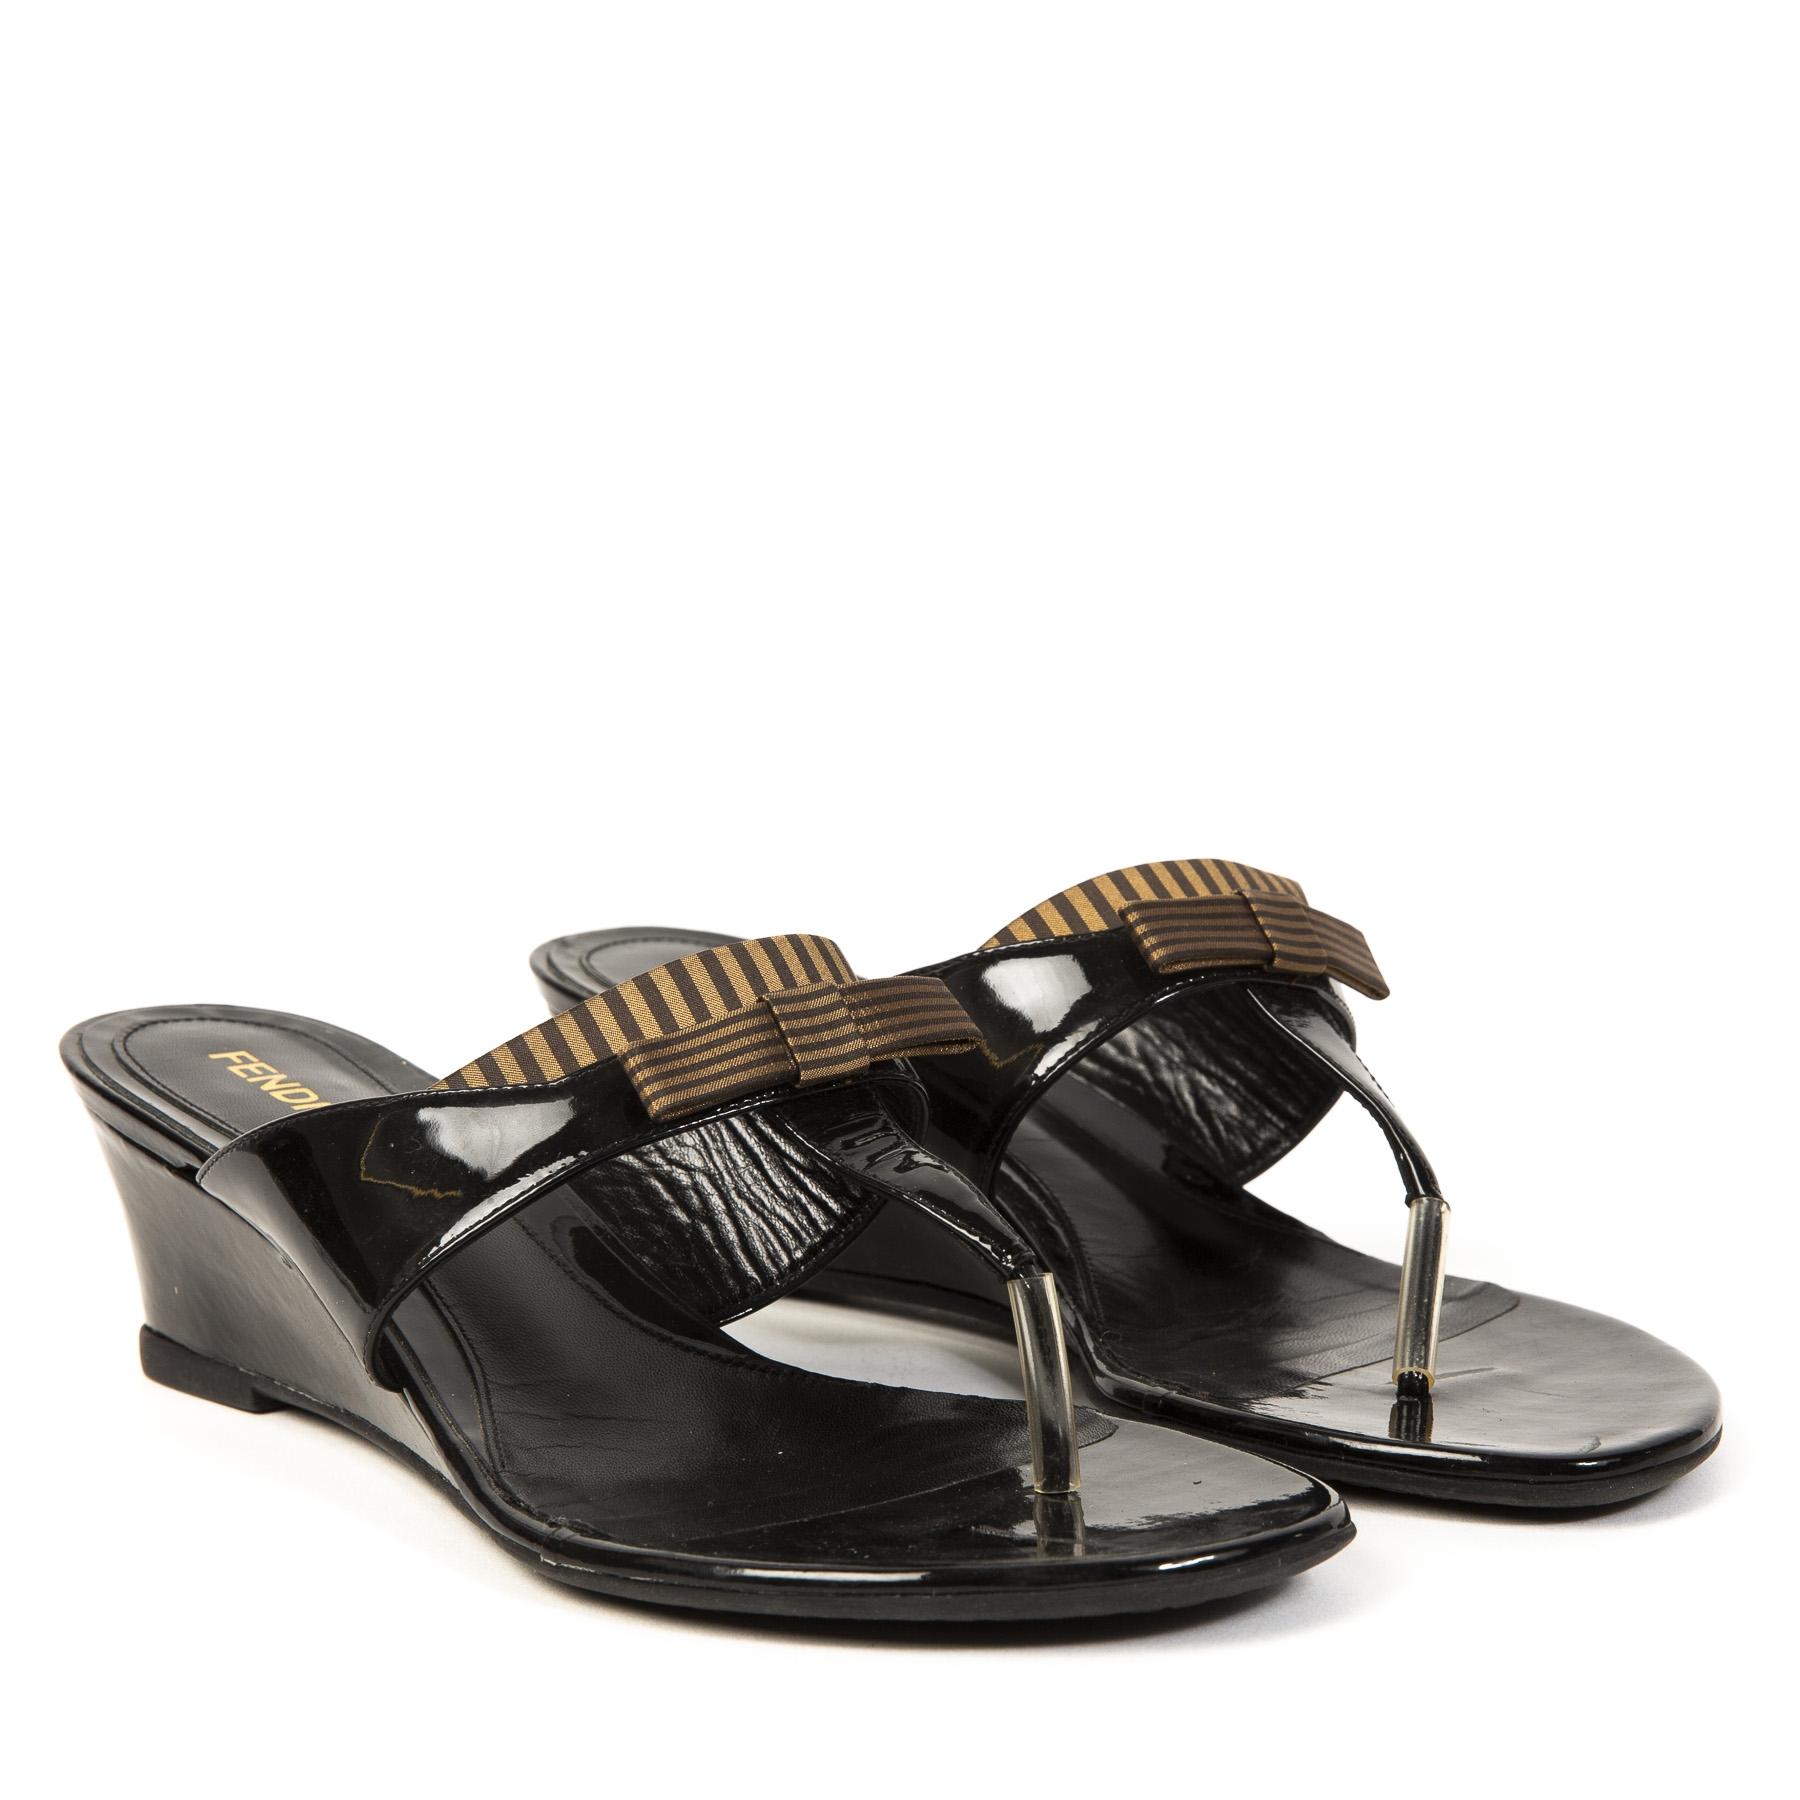 Authentieke Tweedehands Fendi Black Patent Striped Bow Thong Low Wedge Sandals juiste prijs veilig online shoppen webshop luxe merken winkelen Antwerpen België mode fashion